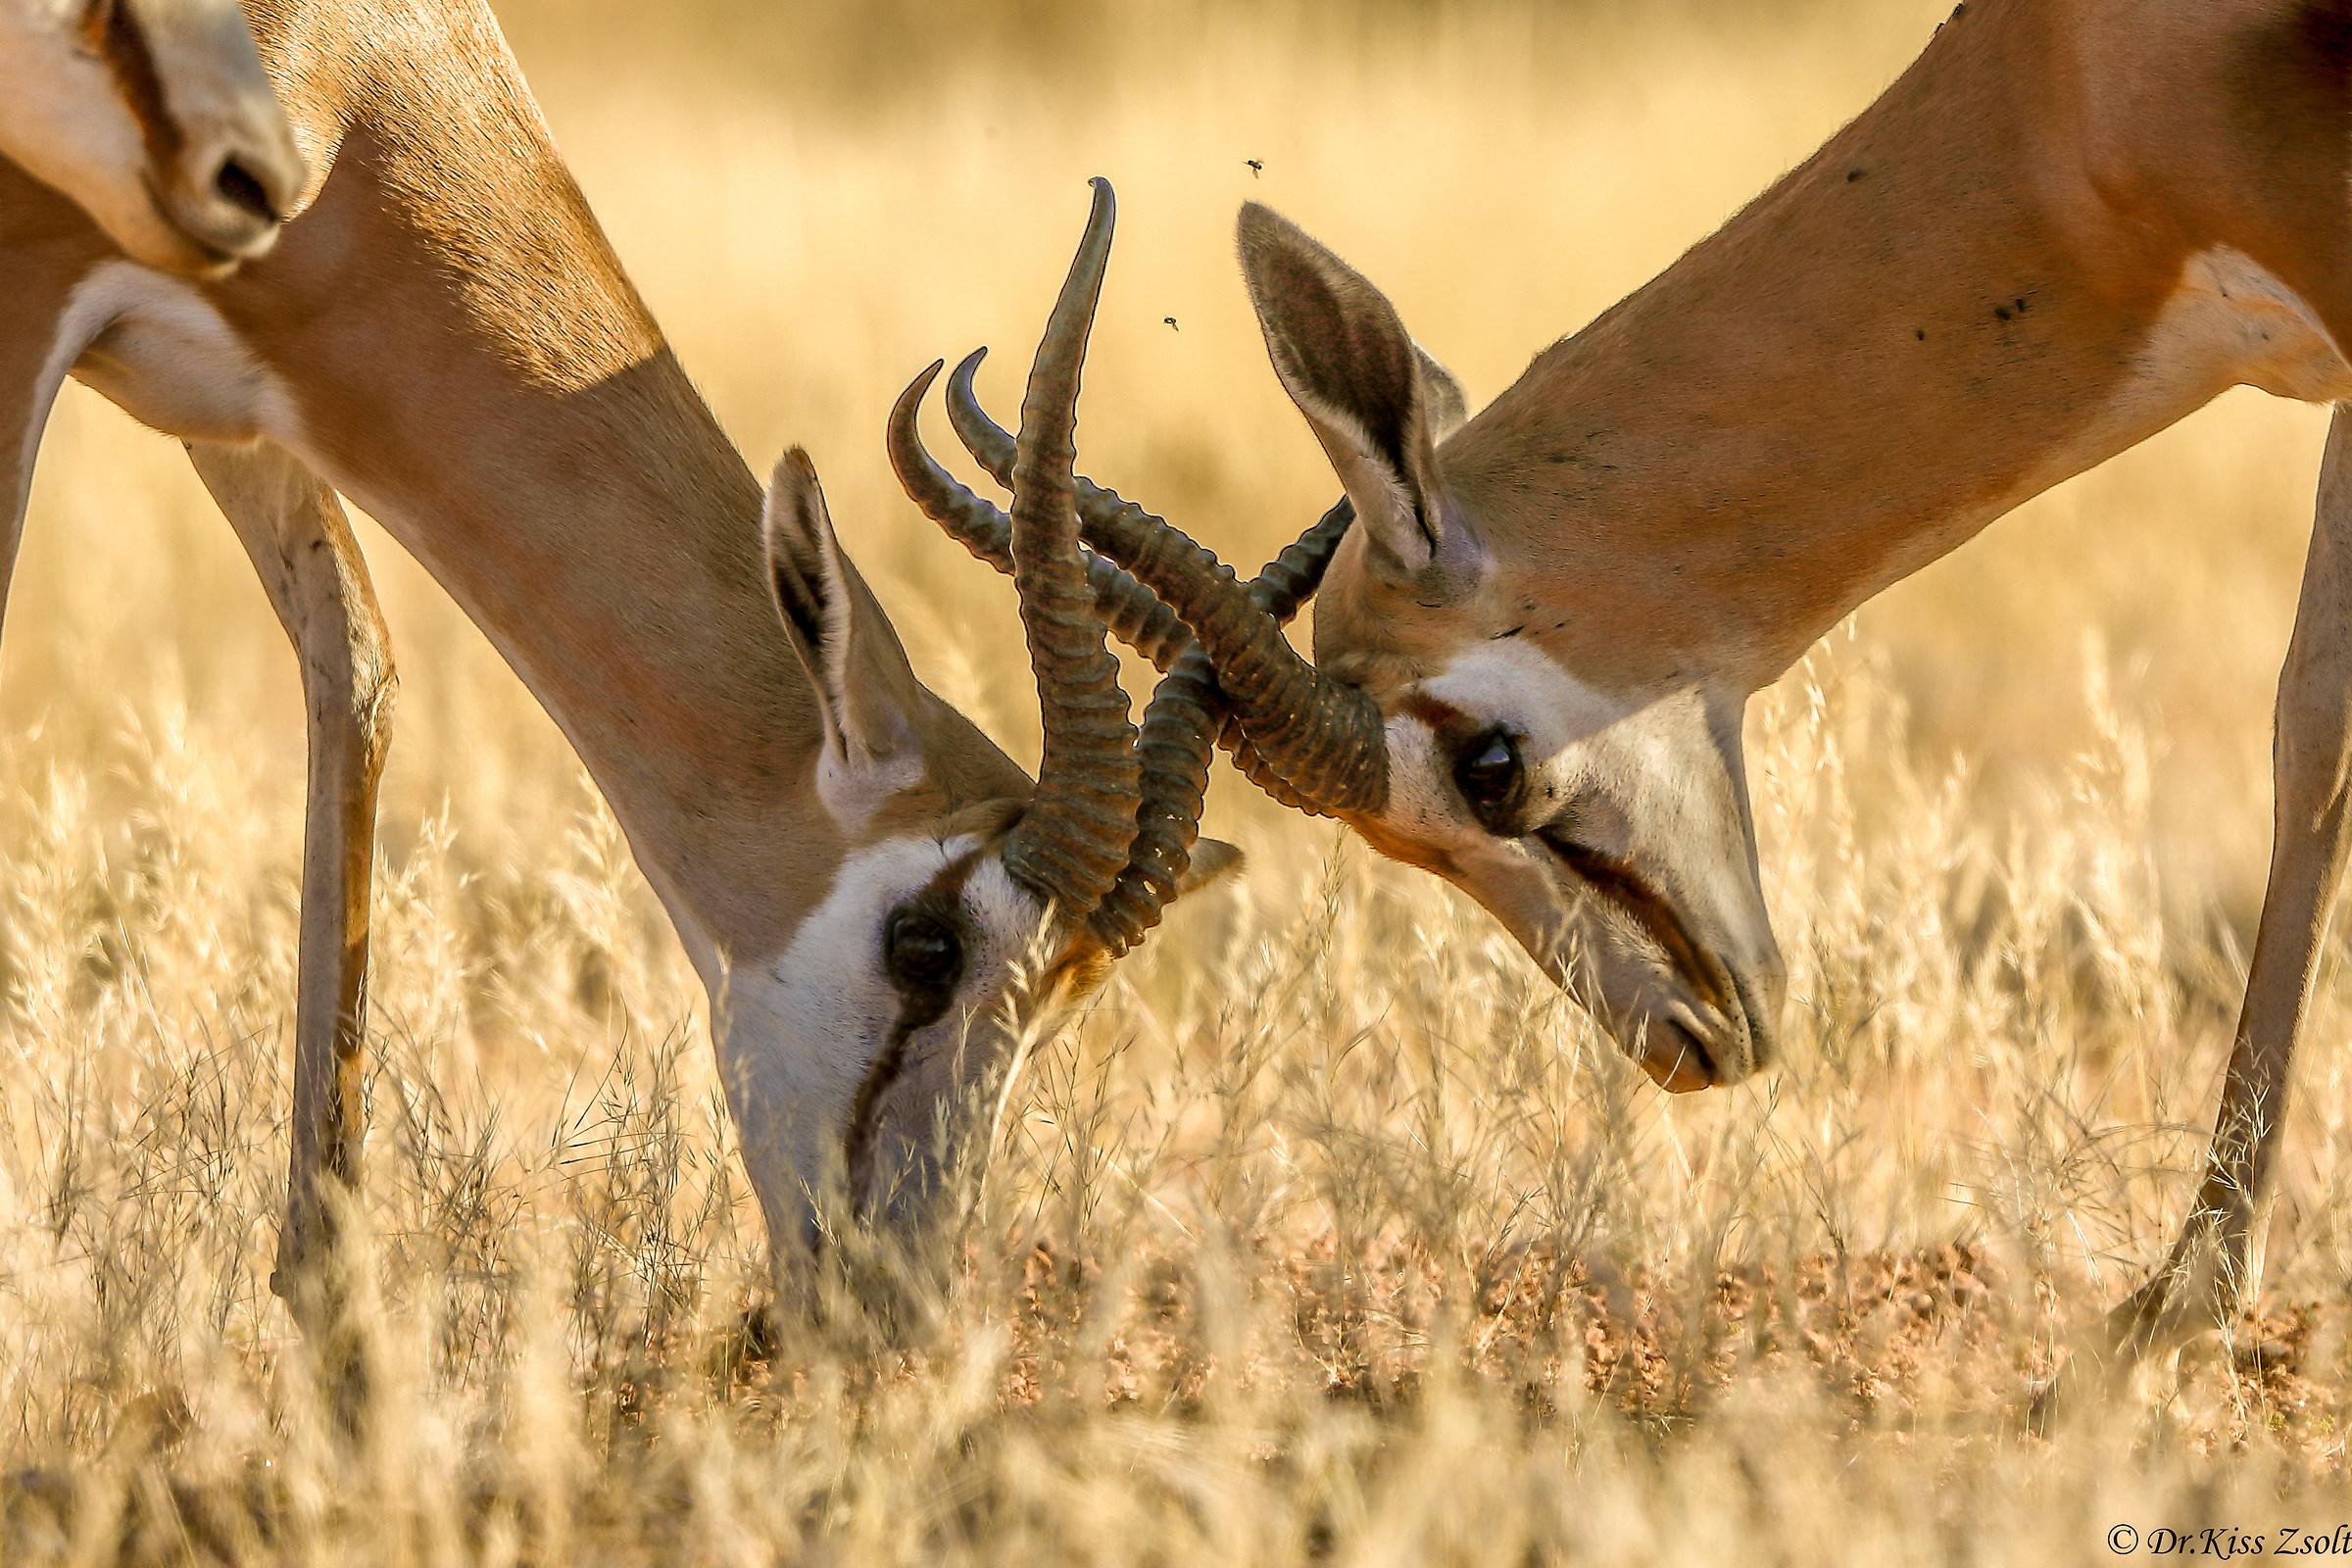 Fighting springboks...